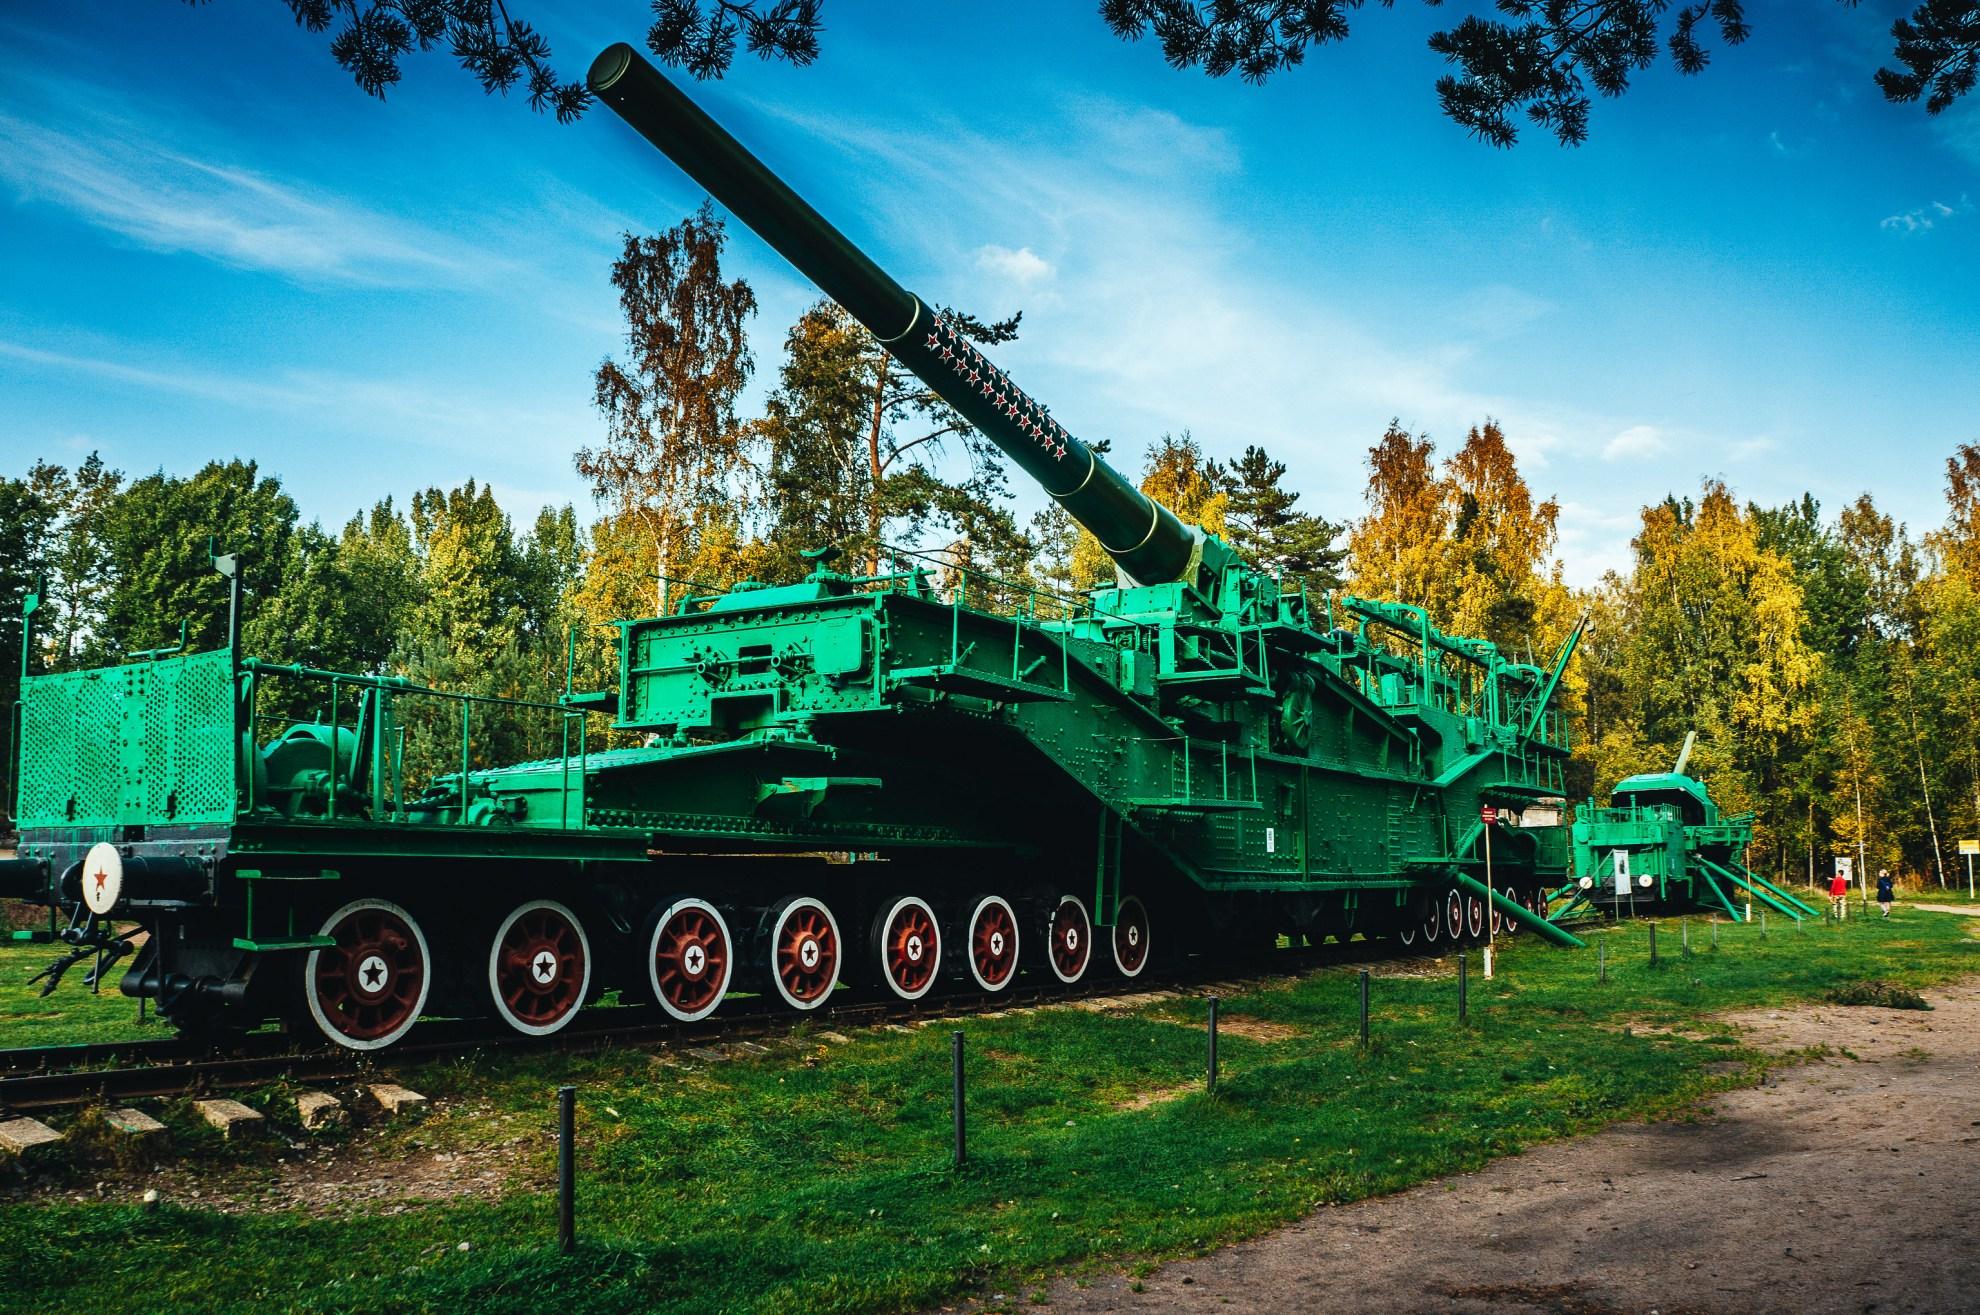 Сверхтяжелая артиллерийская железнодорожная система ТМ-3-12